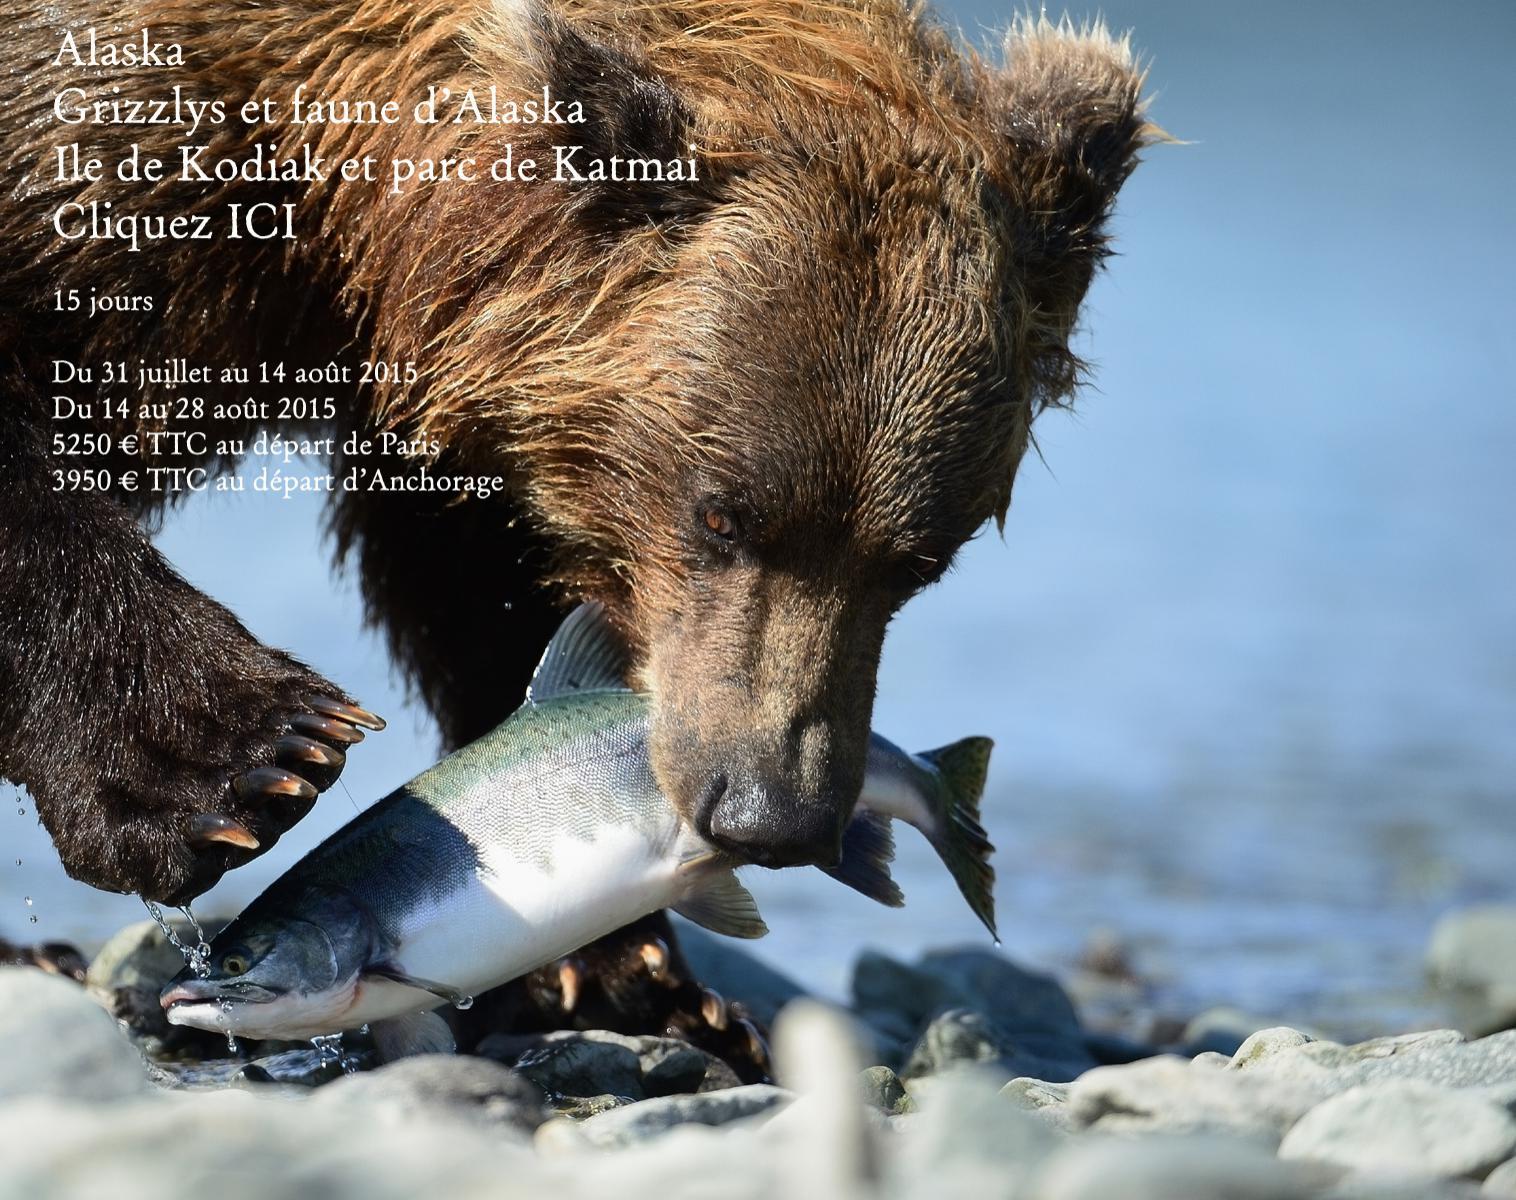 Alaska Grizzlys et faune d'Alaska